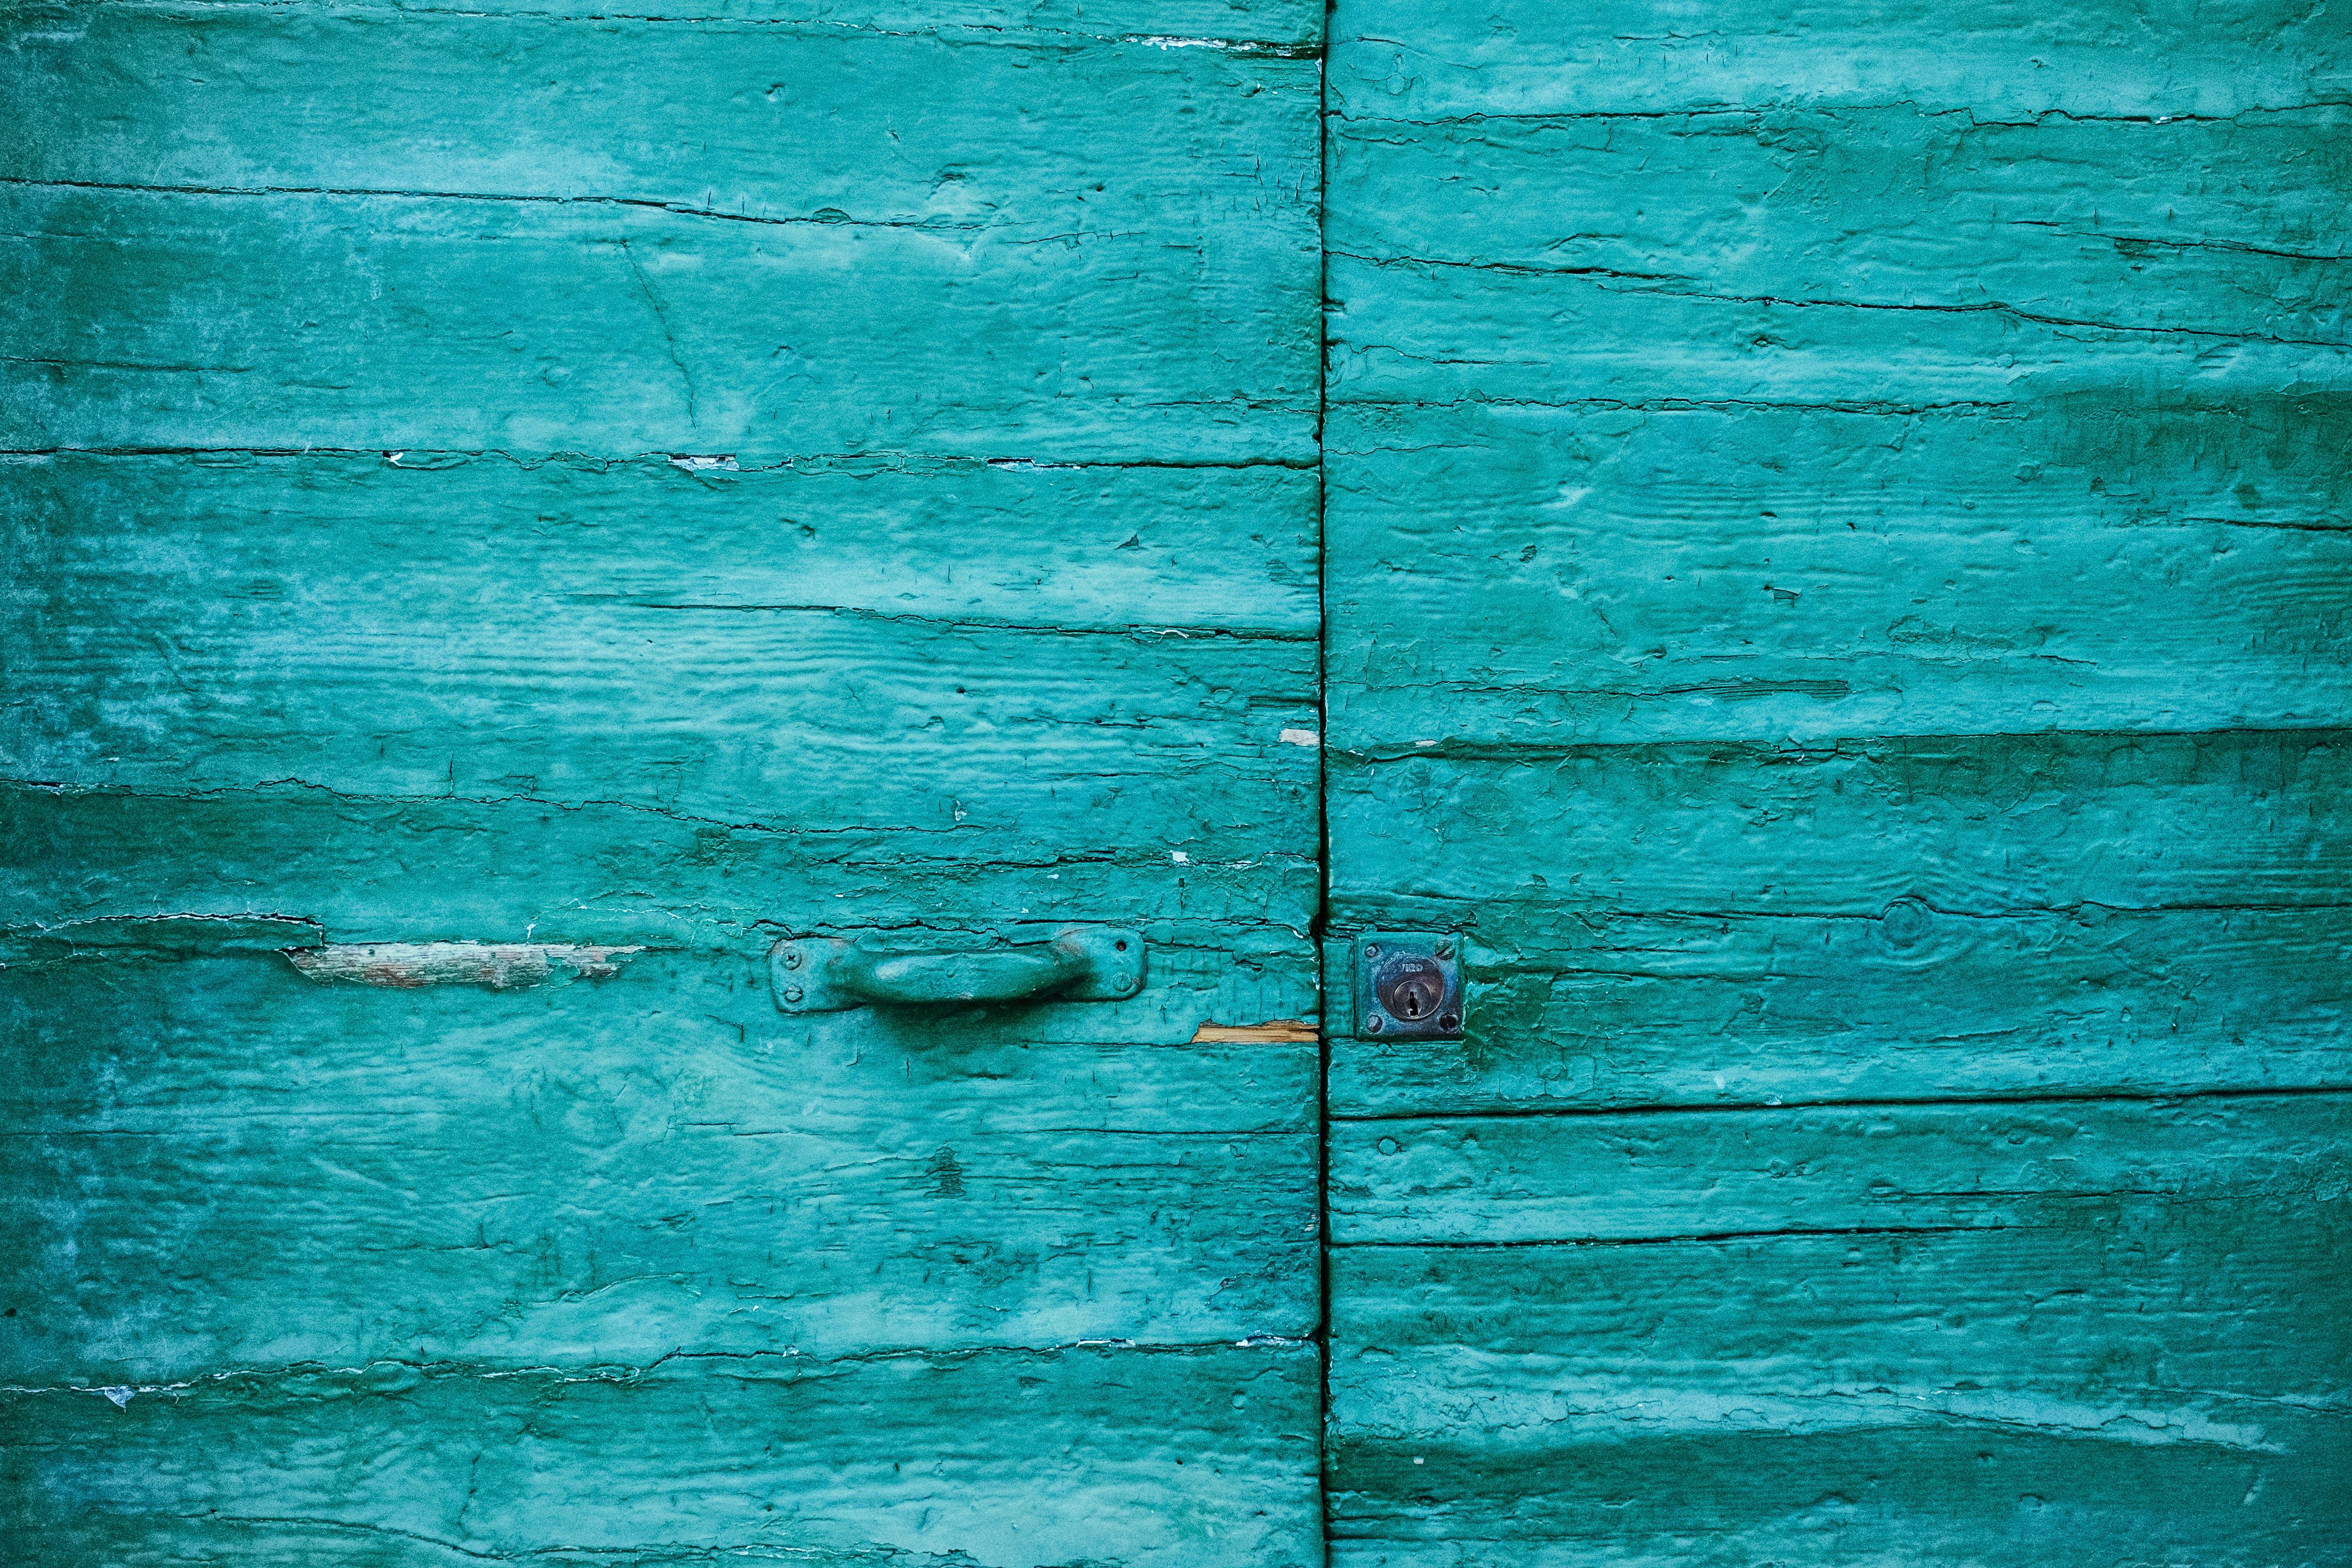 closed teal wooden door